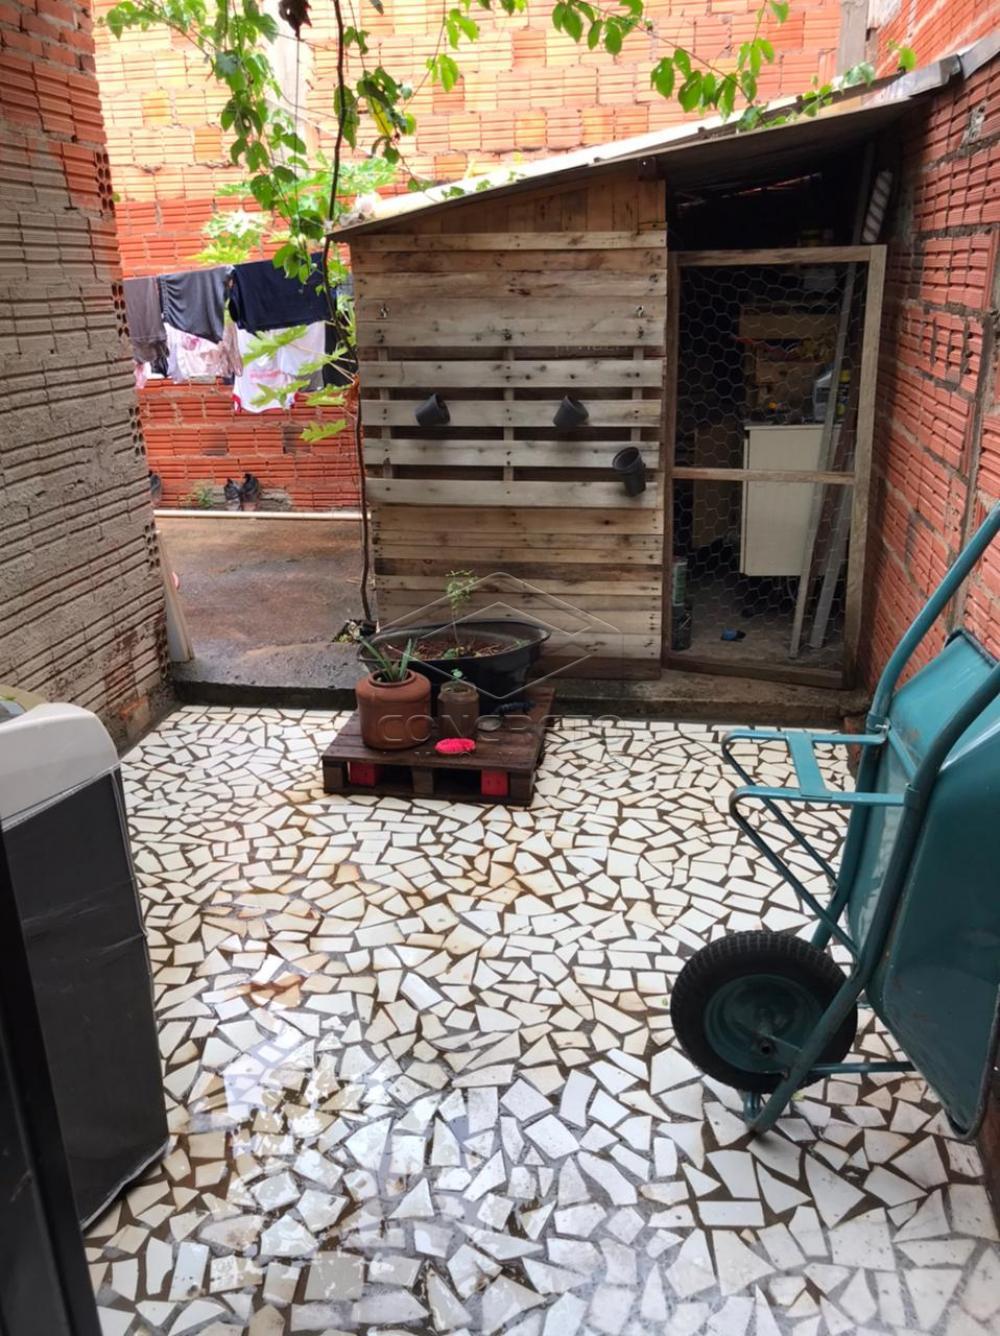 Comprar Casa / Residencia em Jaú apenas R$ 130.000,00 - Foto 8